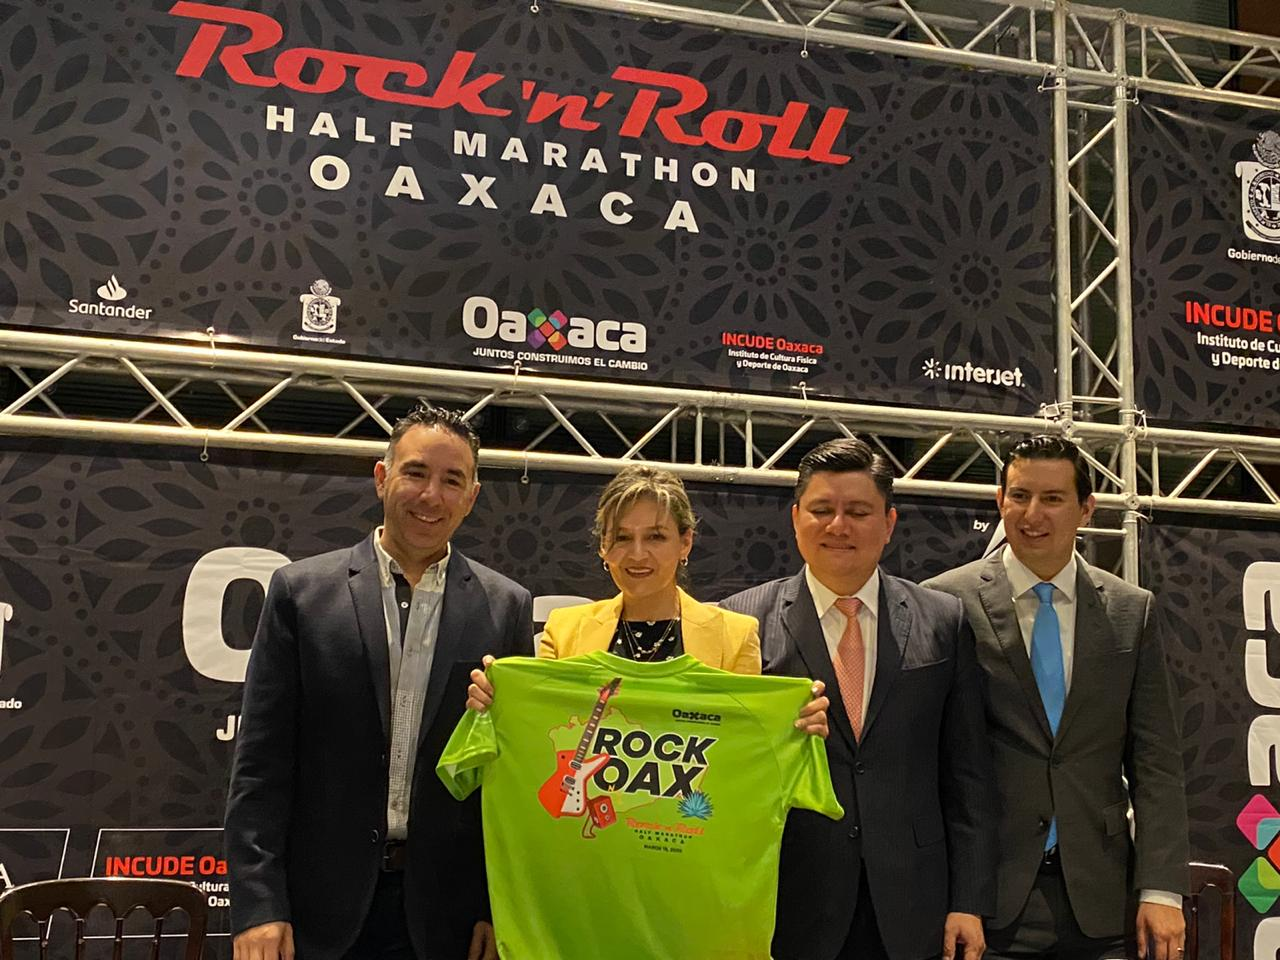 ¡A rockear con Moderatto en el Medio Maratón 'Rock and Roll' en Oaxaca!